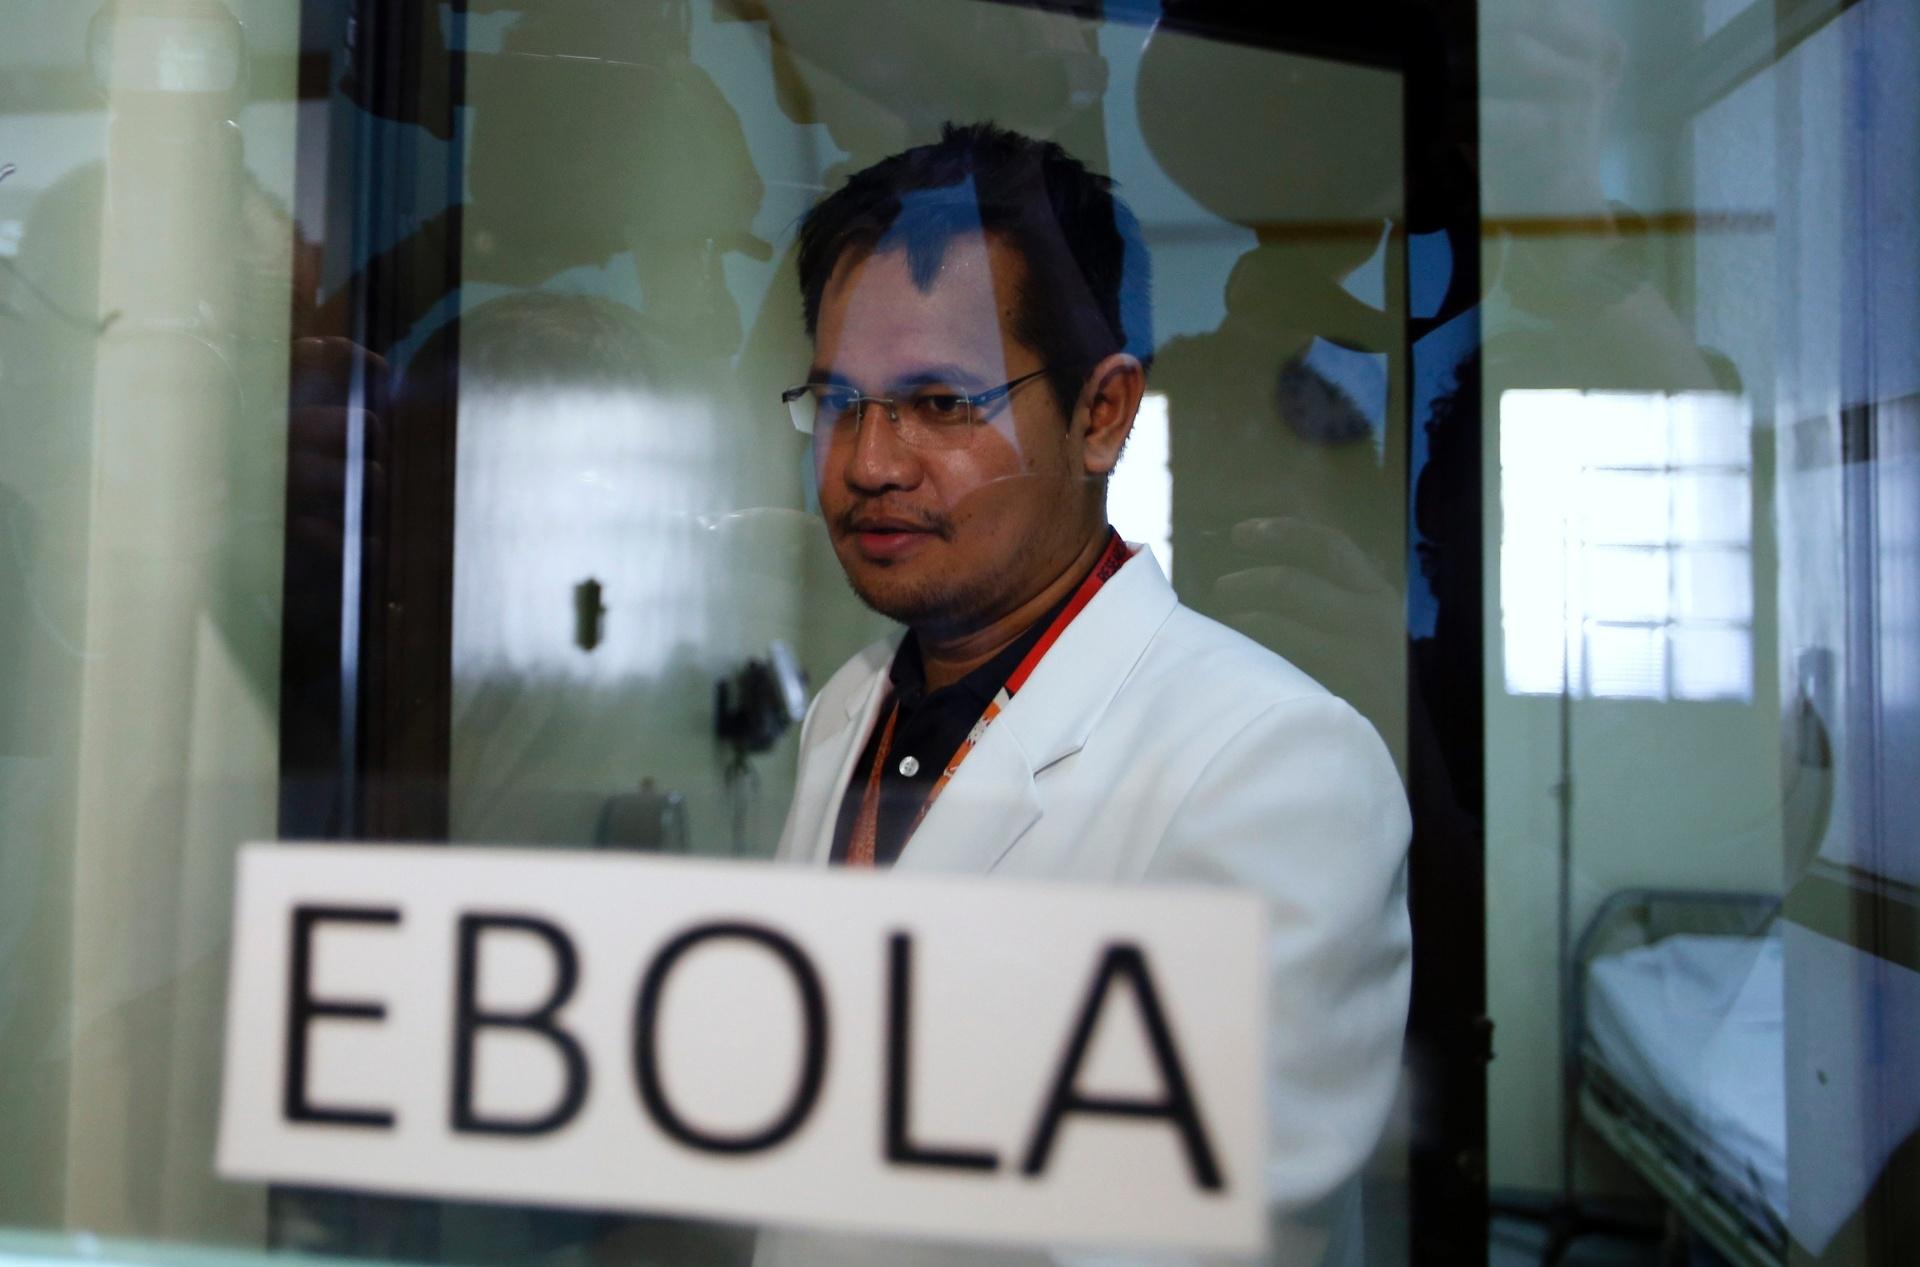 21.out.2014 - Médico visita ala de isolamento em hospital especializado em doenças tropicais na cidade de Alabang, nas Filipinas. O departamento de saúde nacional afirmou que o país está preparado para a ameça de eventuais casos de ebola em território filipino